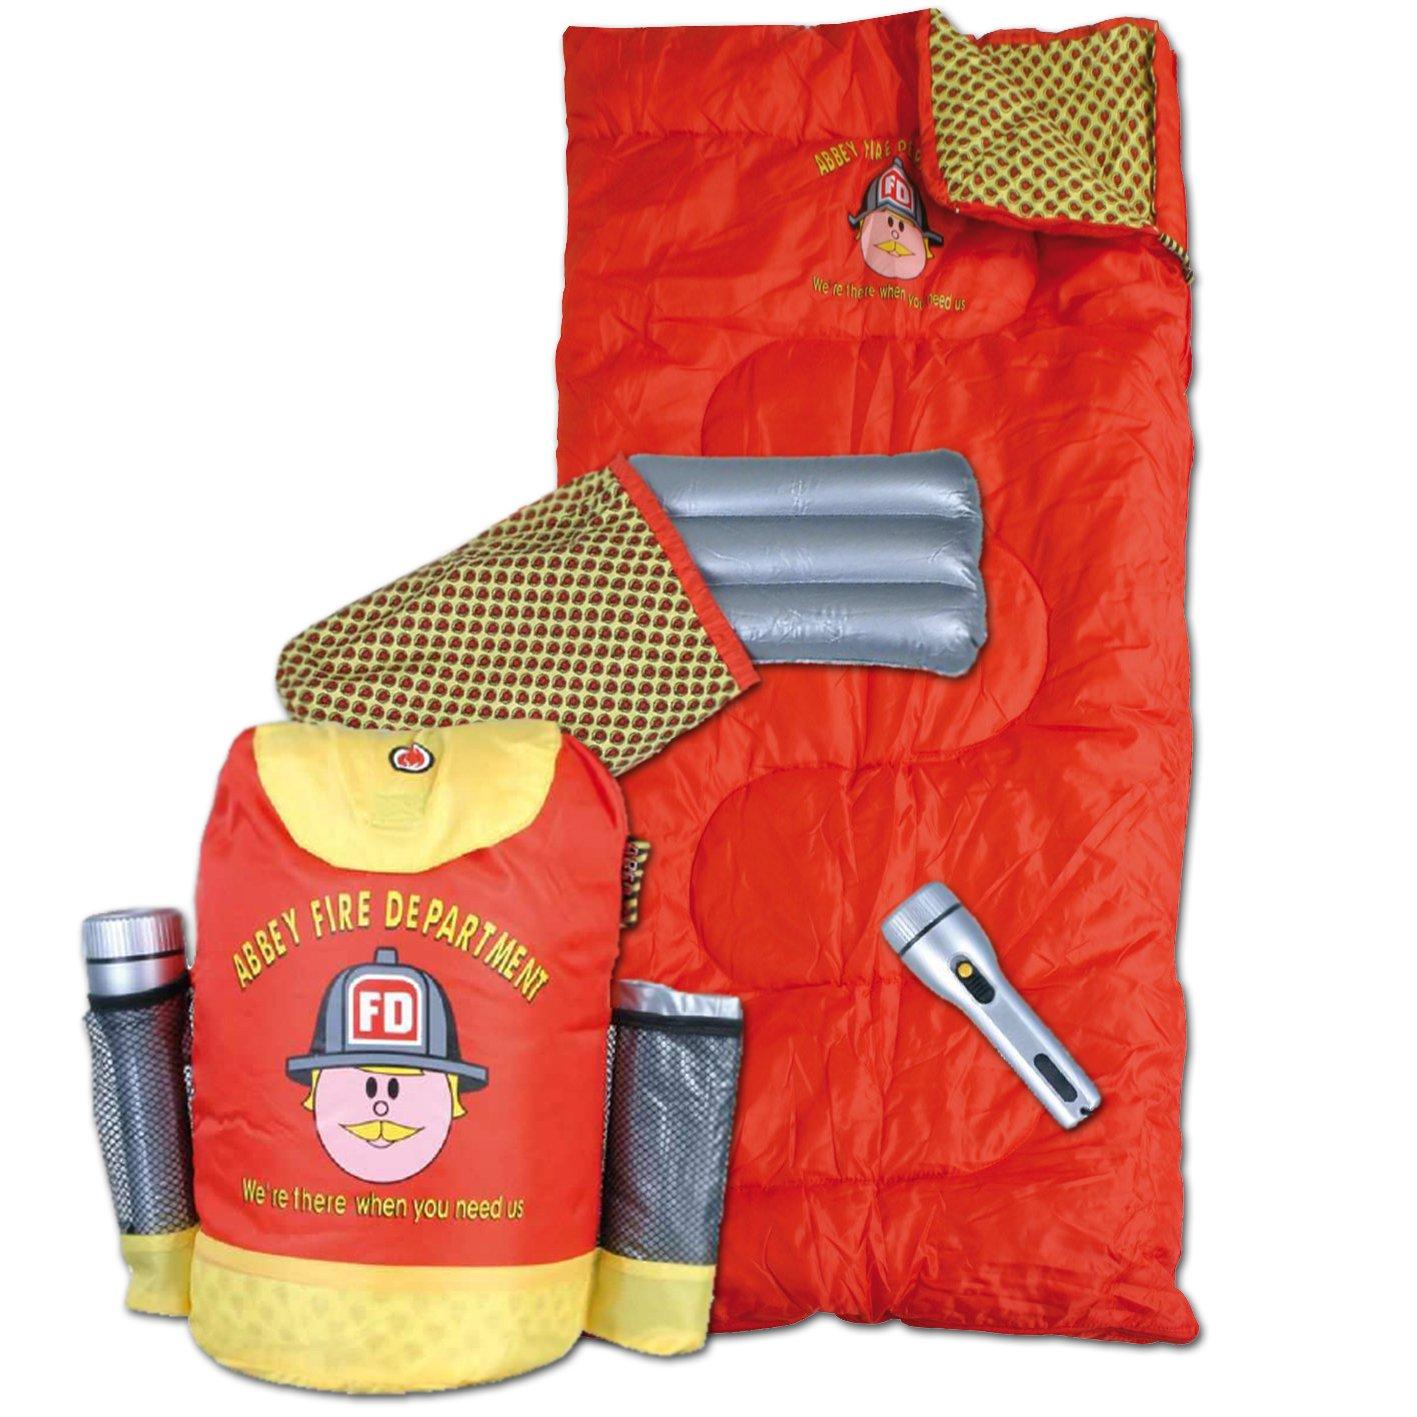 Abbey Fire Department - Juego de saco de dormir, almohada ...